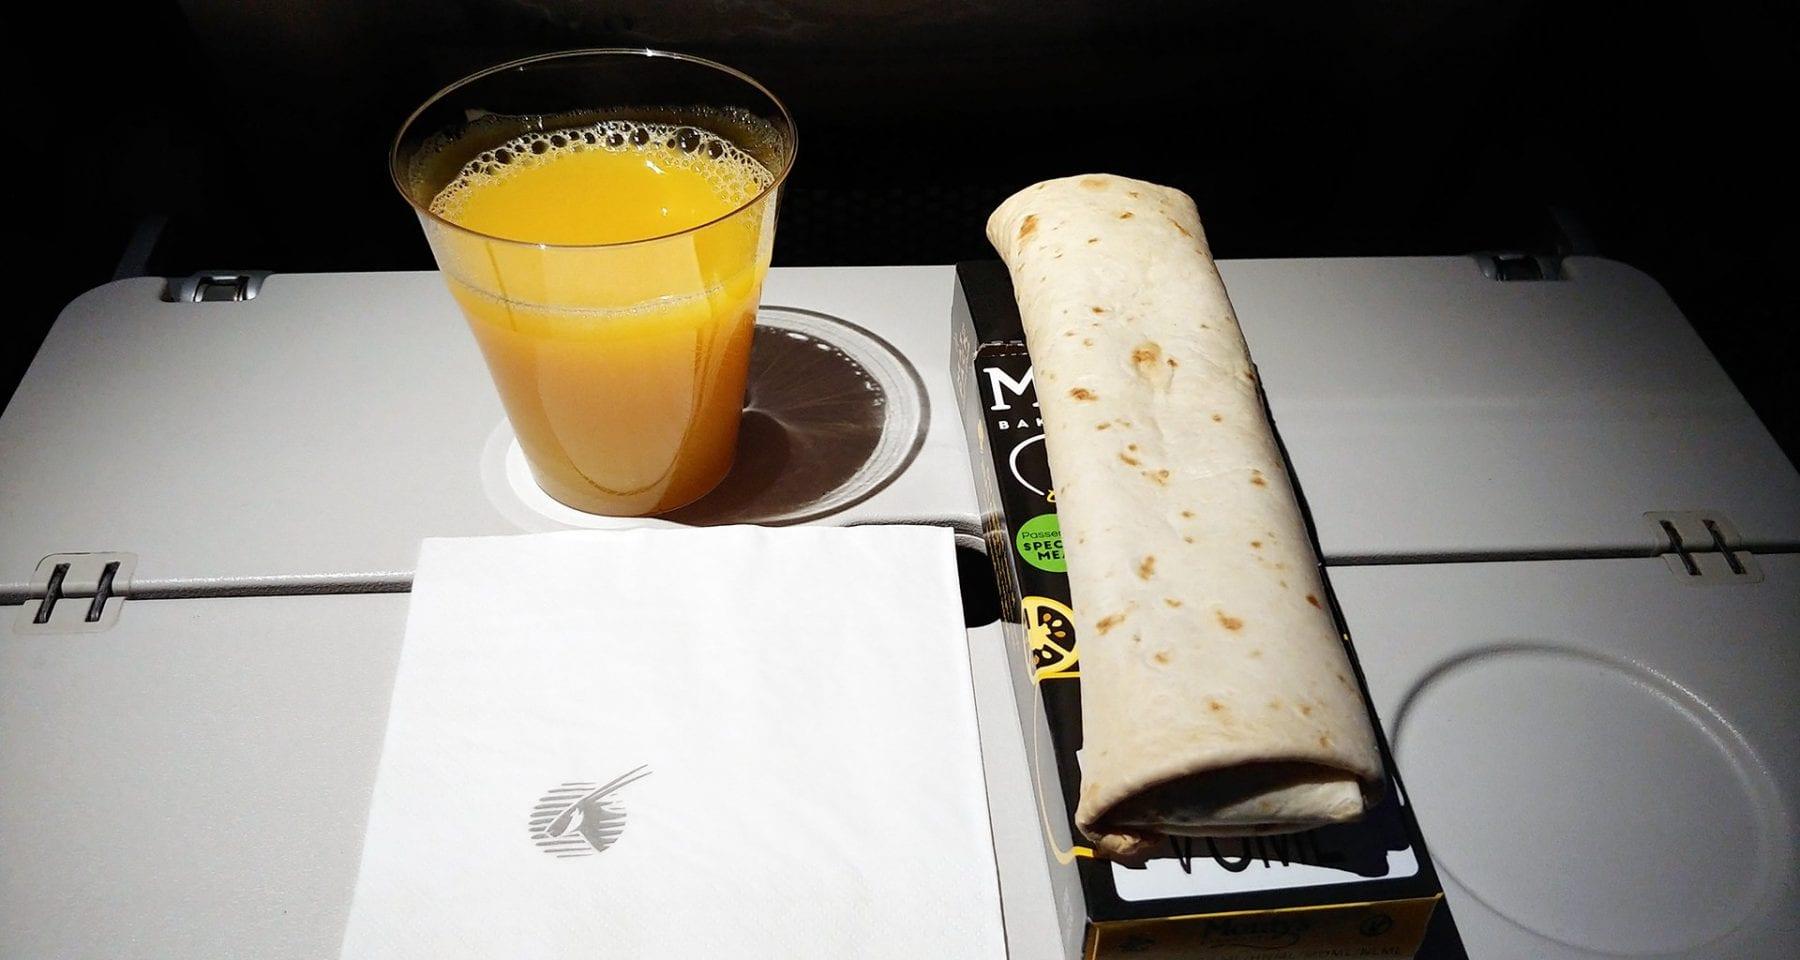 Qatar Airways economy class snack Helsinki to Doha